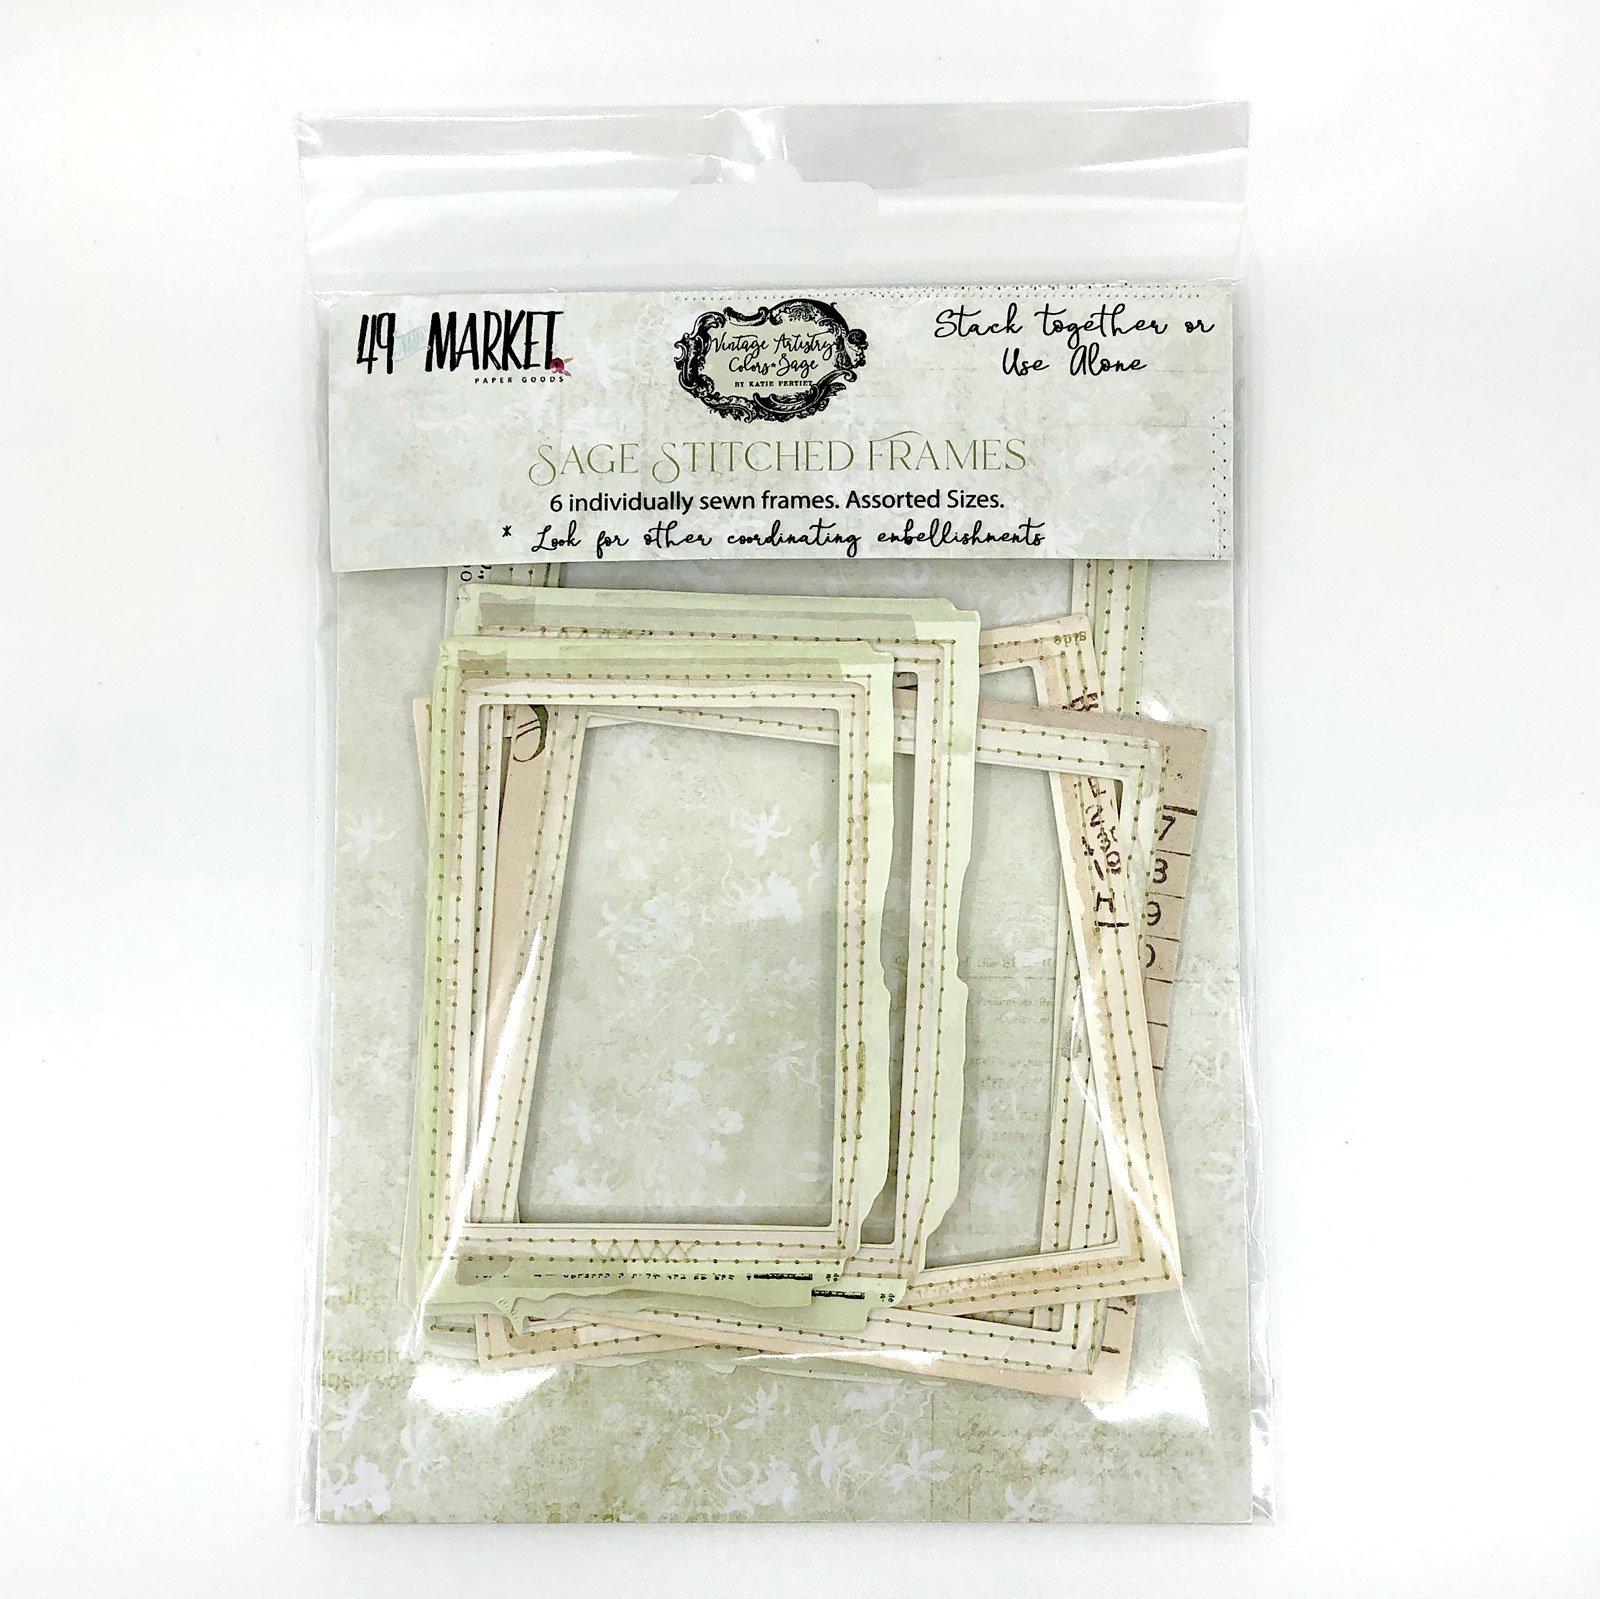 49 & Market - Cream Lace Trim